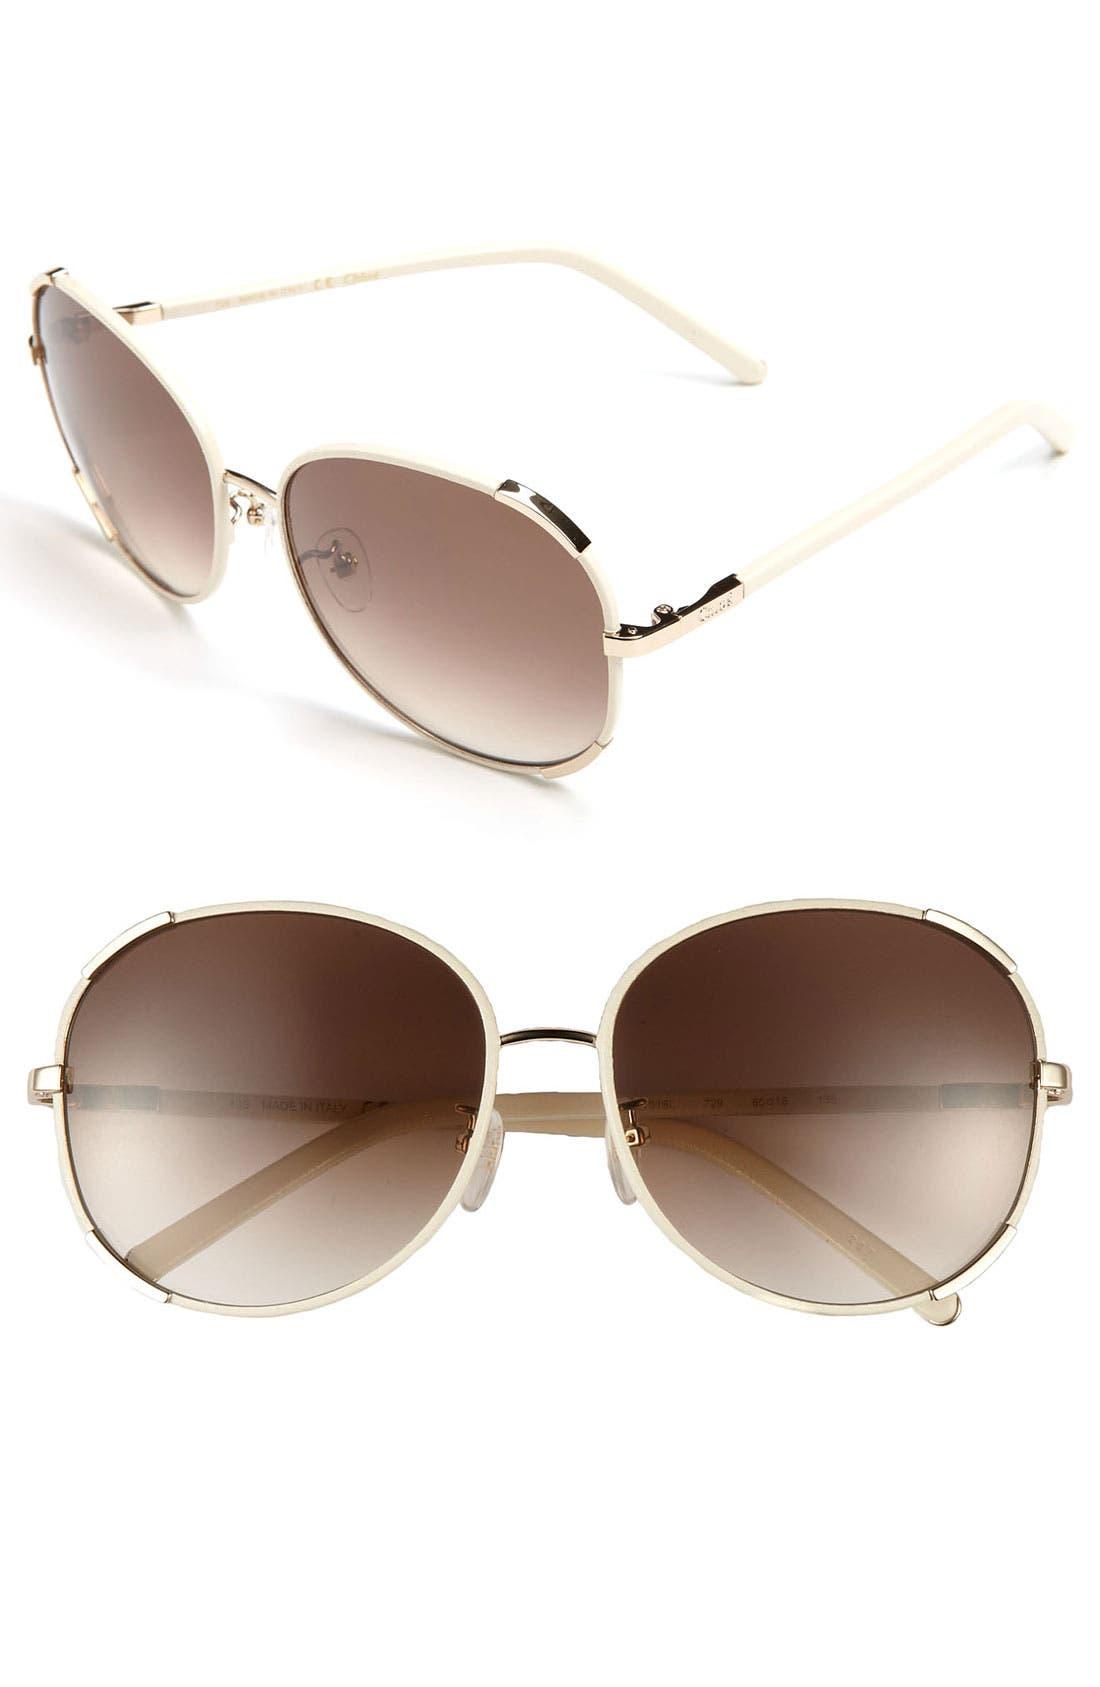 Main Image - Chloé 60mm Retro Sunglasses